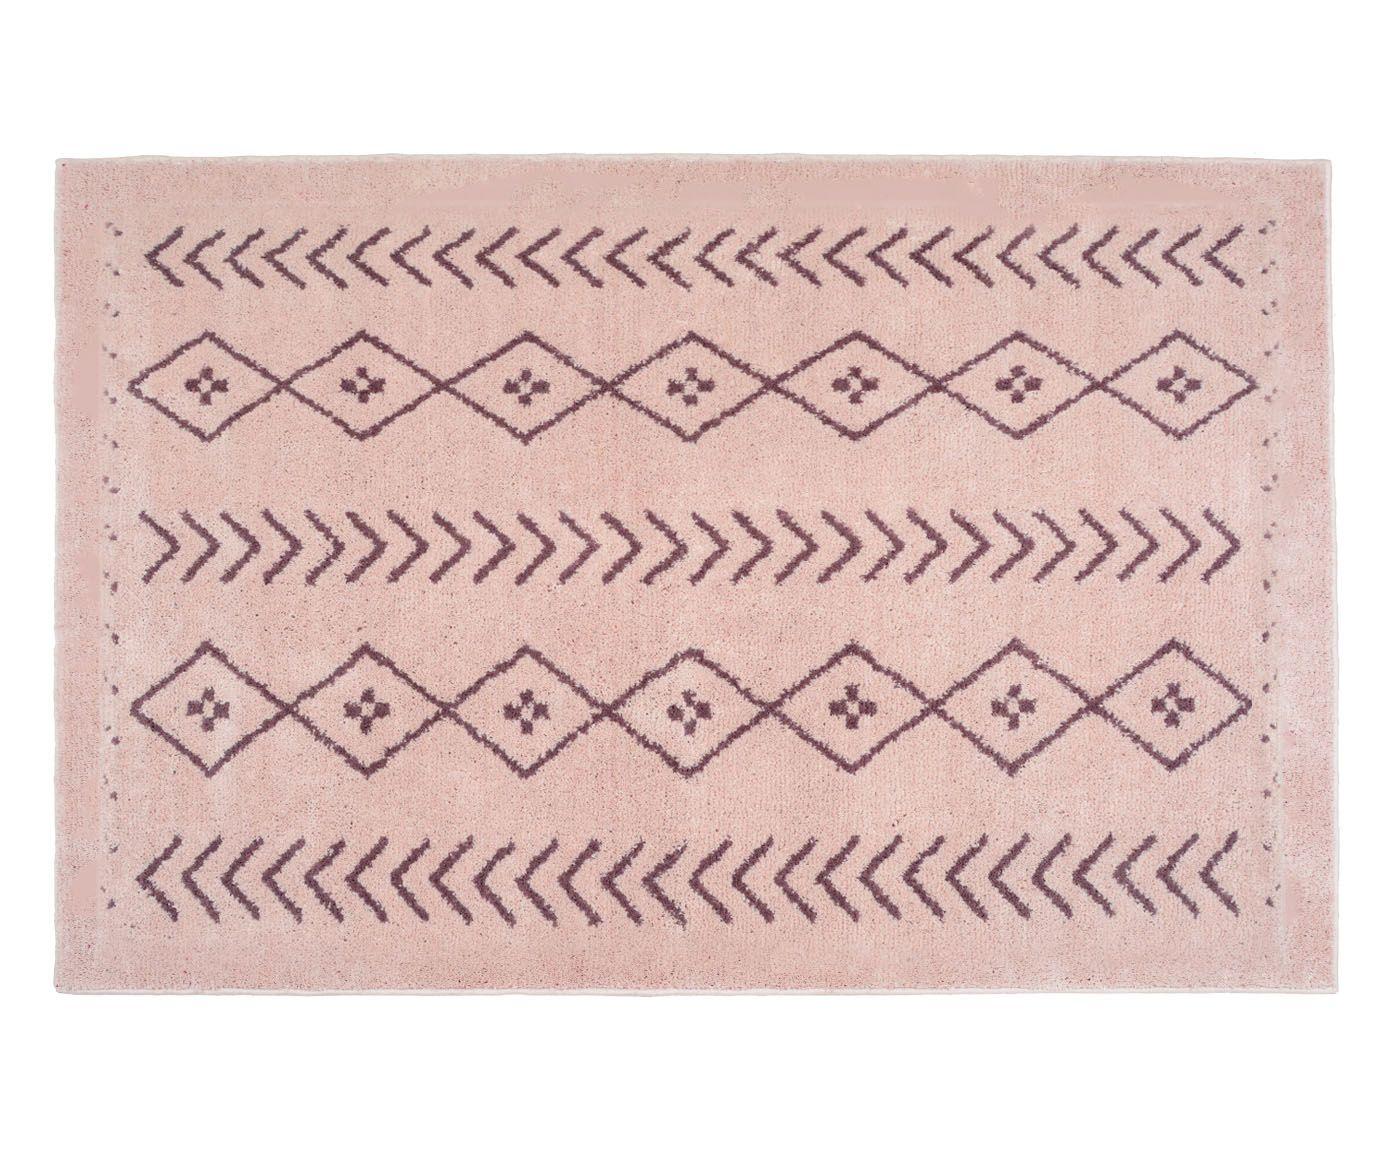 Tapete Art Udad Pérola - 150X200cm, 150x200cm | Westwing.com.br